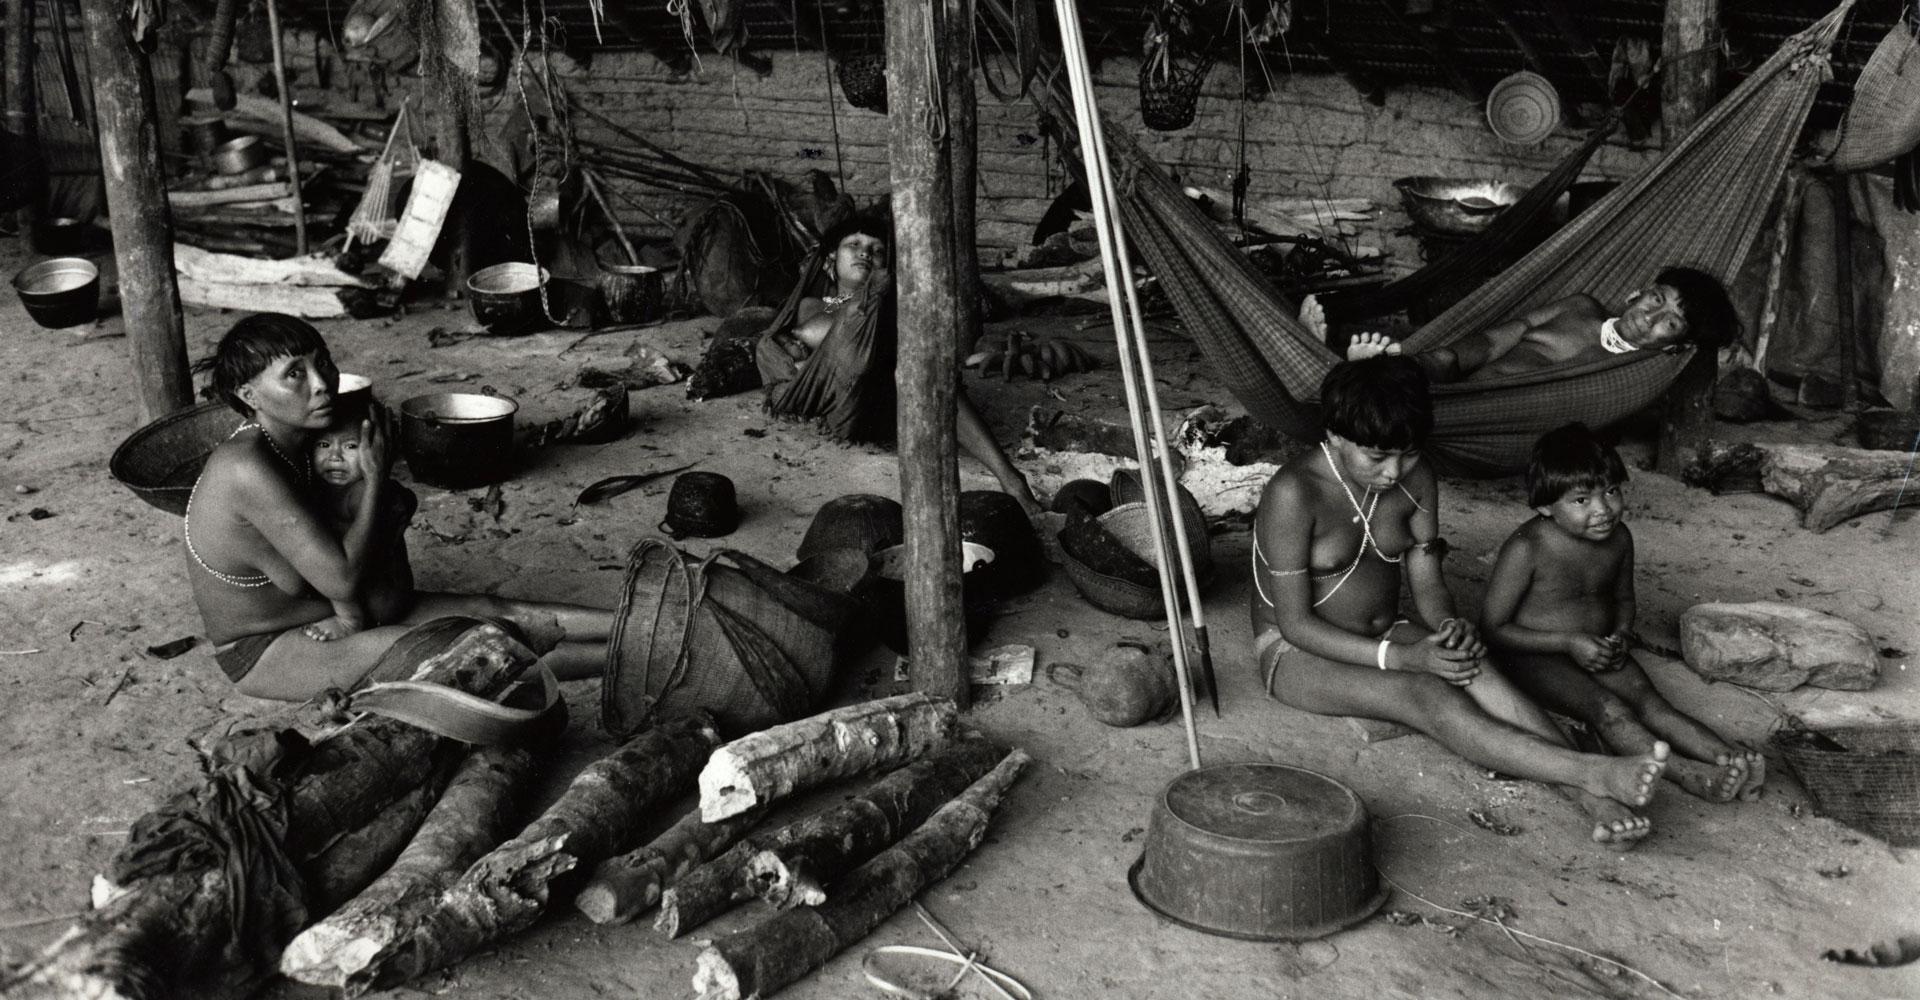 COVID-19: Más de 23.000 indígenas contagiados y 1.000 fallecidos en Sudámerica